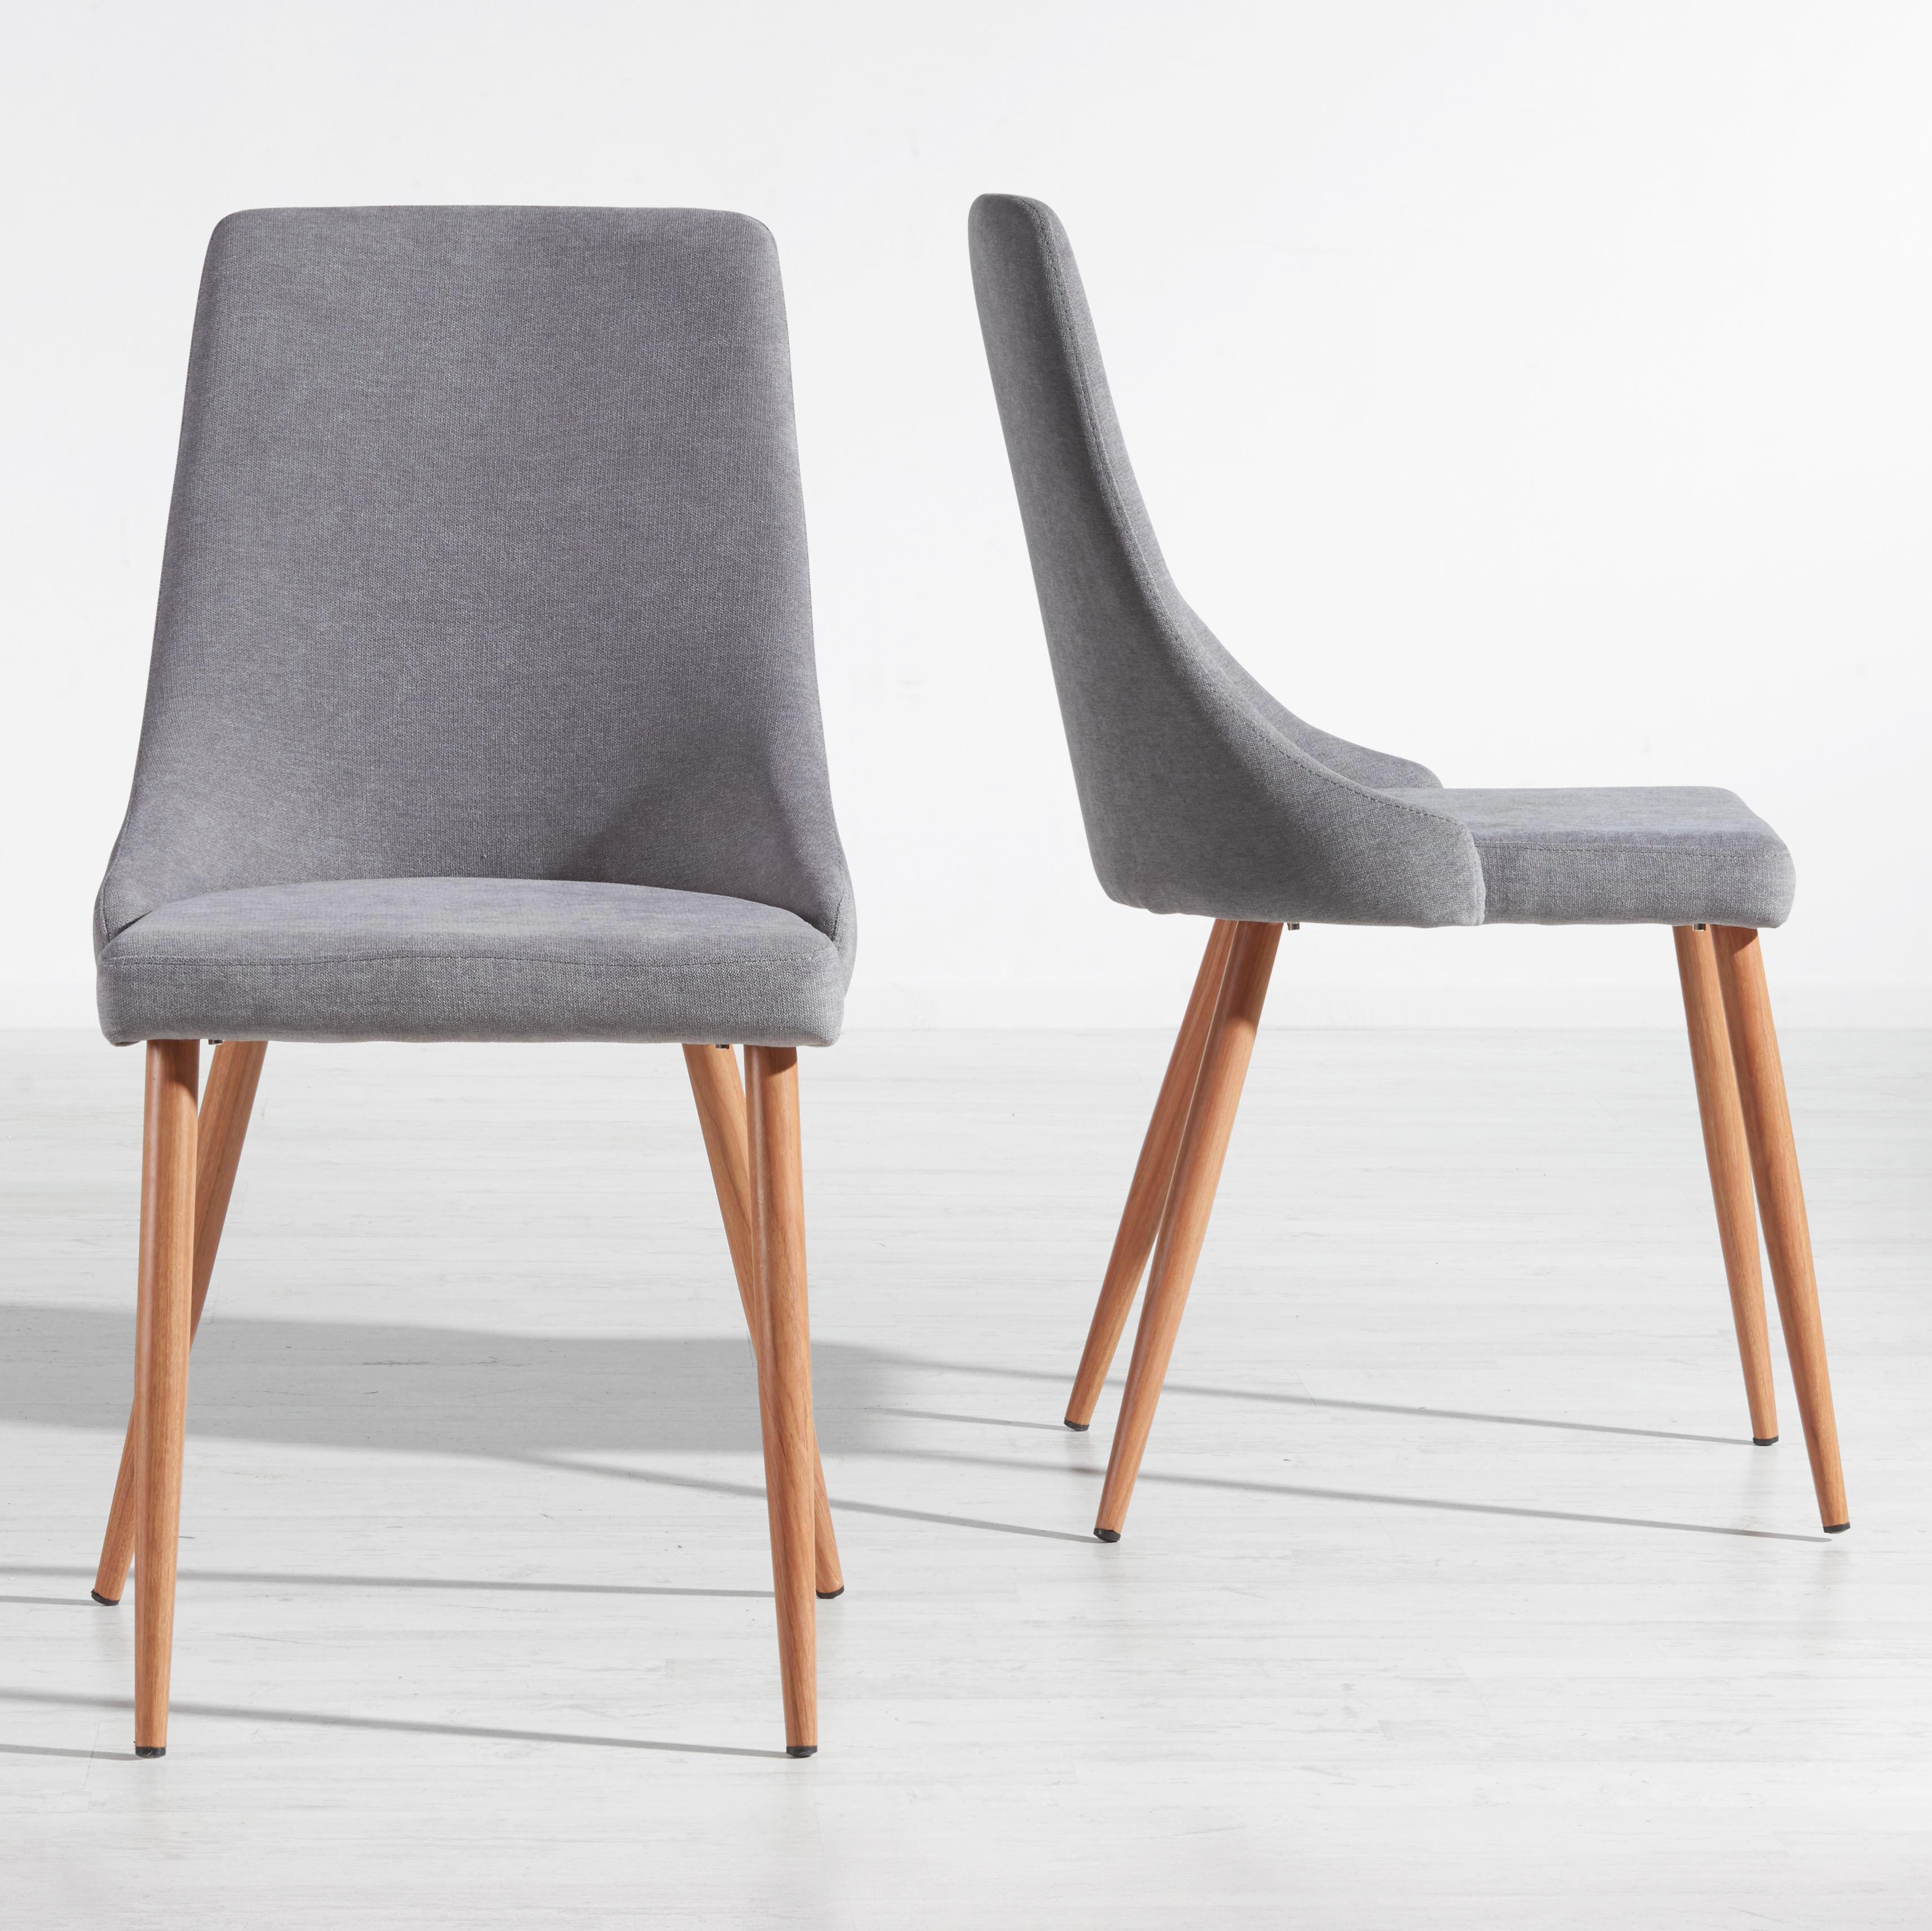 stuhl kunststoff kchenstuhl essstuhl loungestuhl stuhl kunststoff uquotroslyn with stuhl. Black Bedroom Furniture Sets. Home Design Ideas